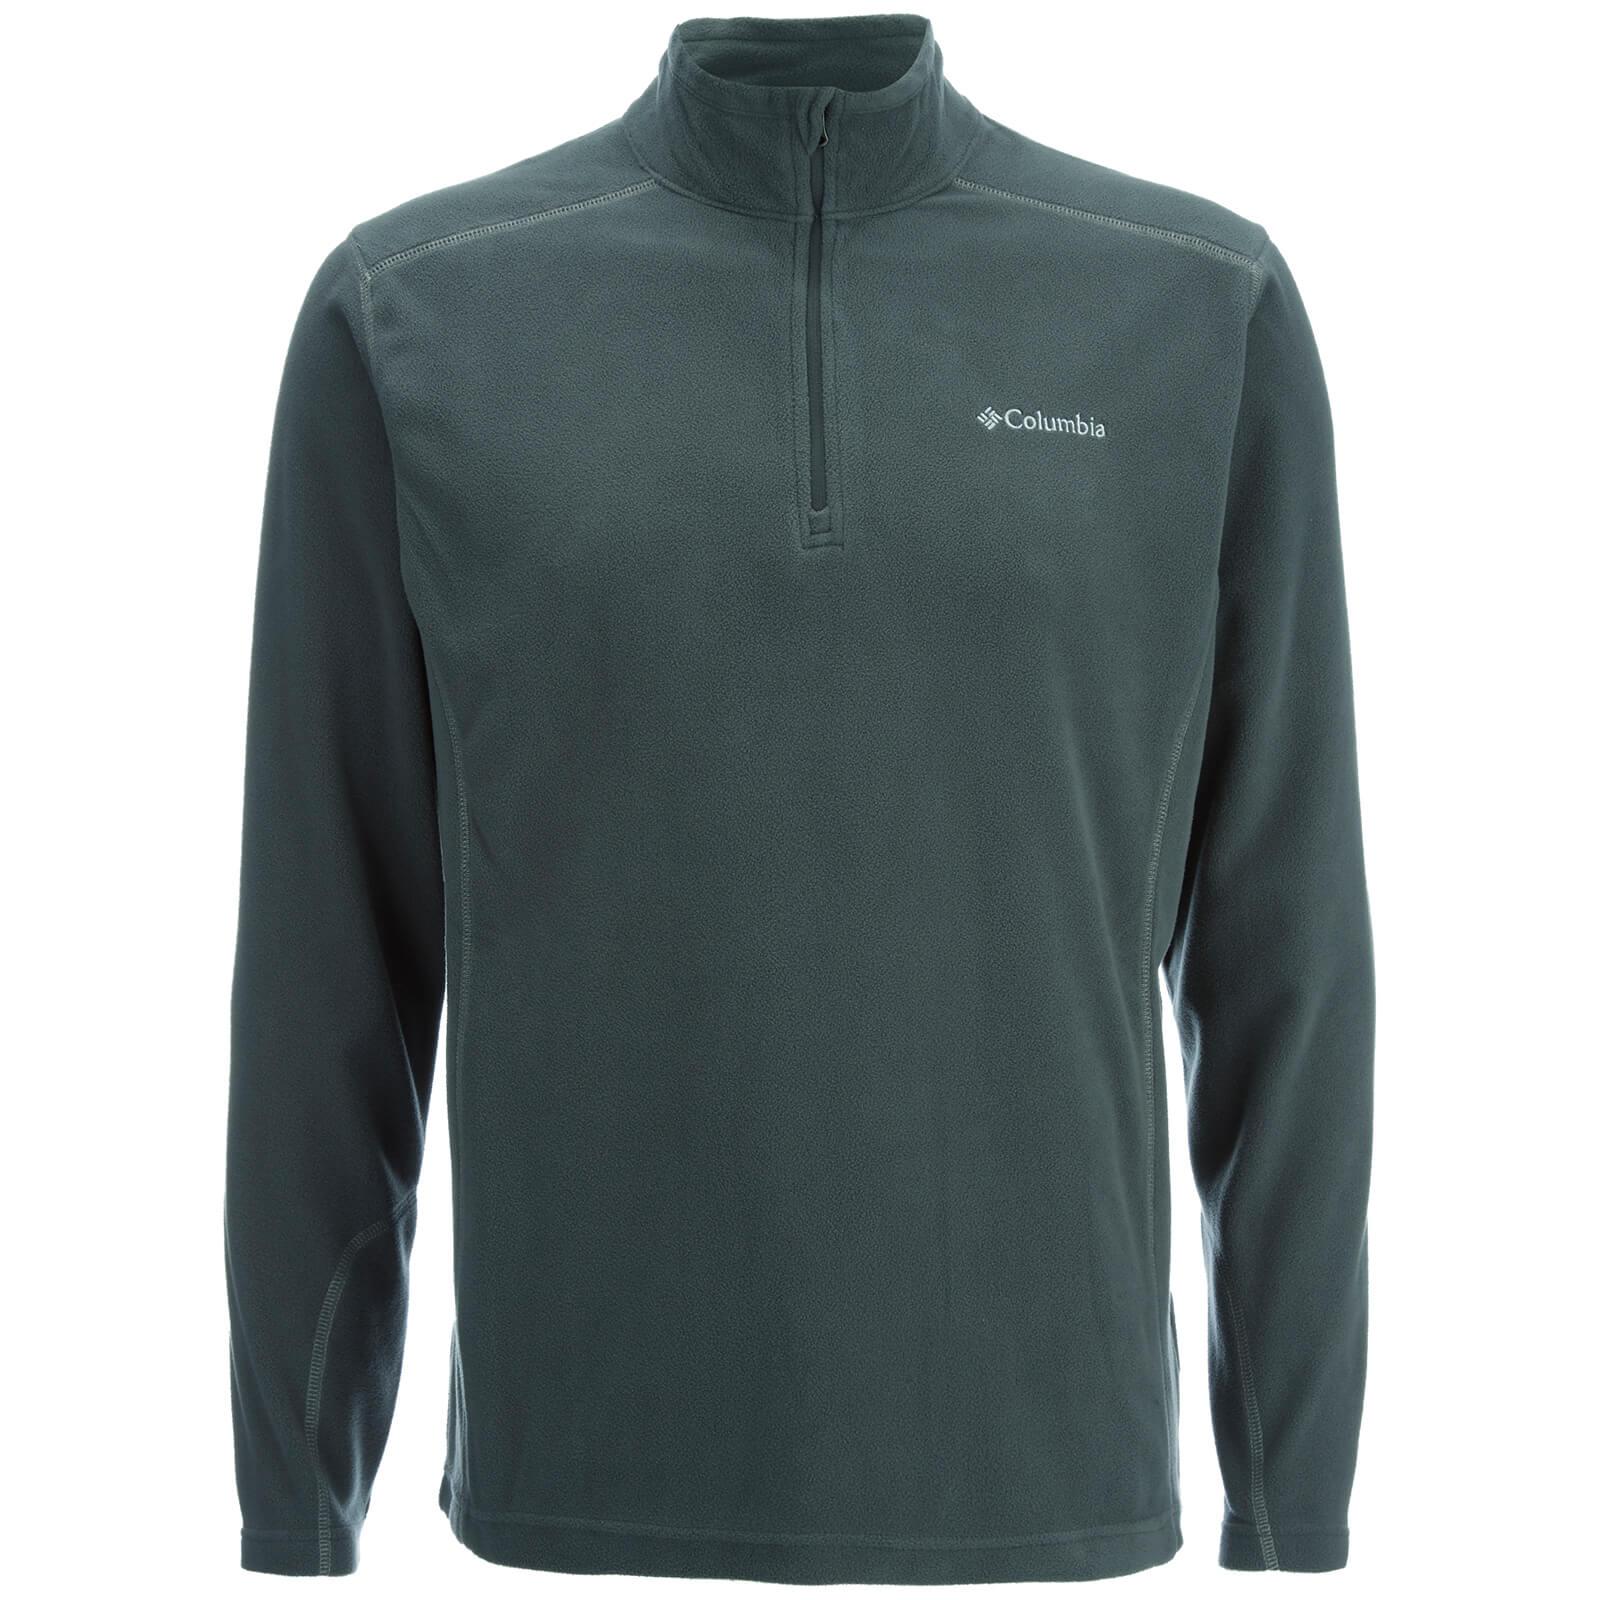 Columbia Men's Klamath Range 2 Half Zip Fleece - Grill - S - Grey